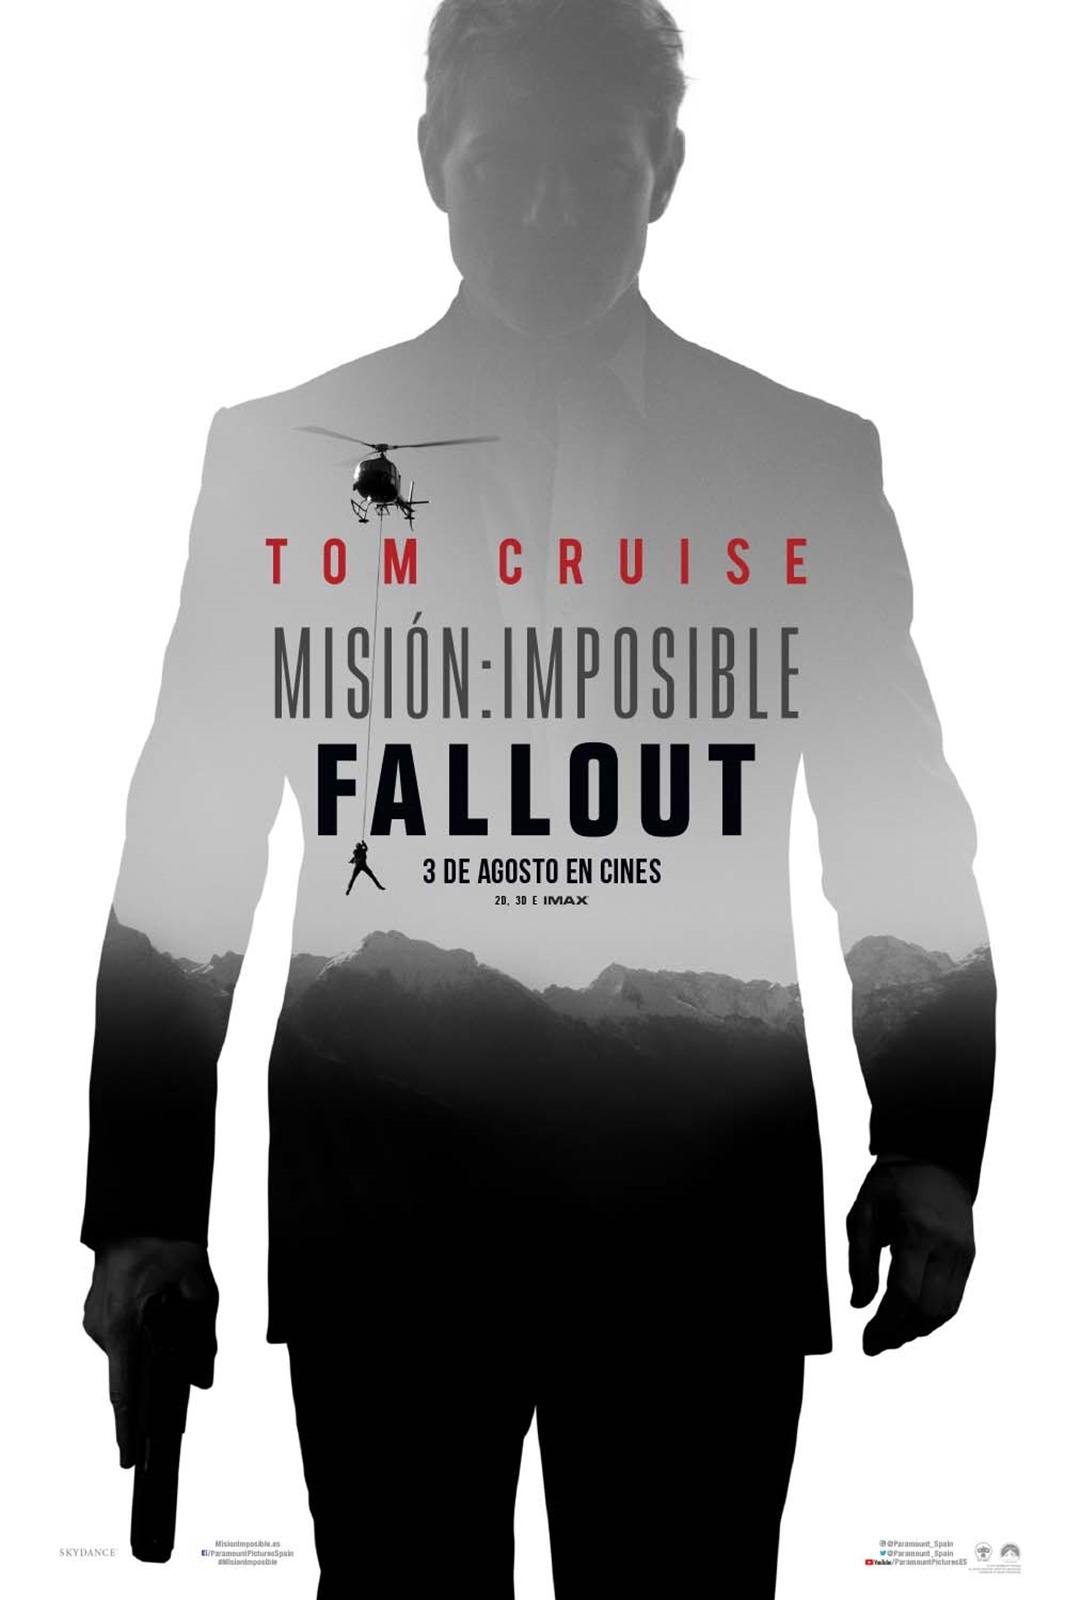 Misión: Imposible Fallout (03-08-2018)